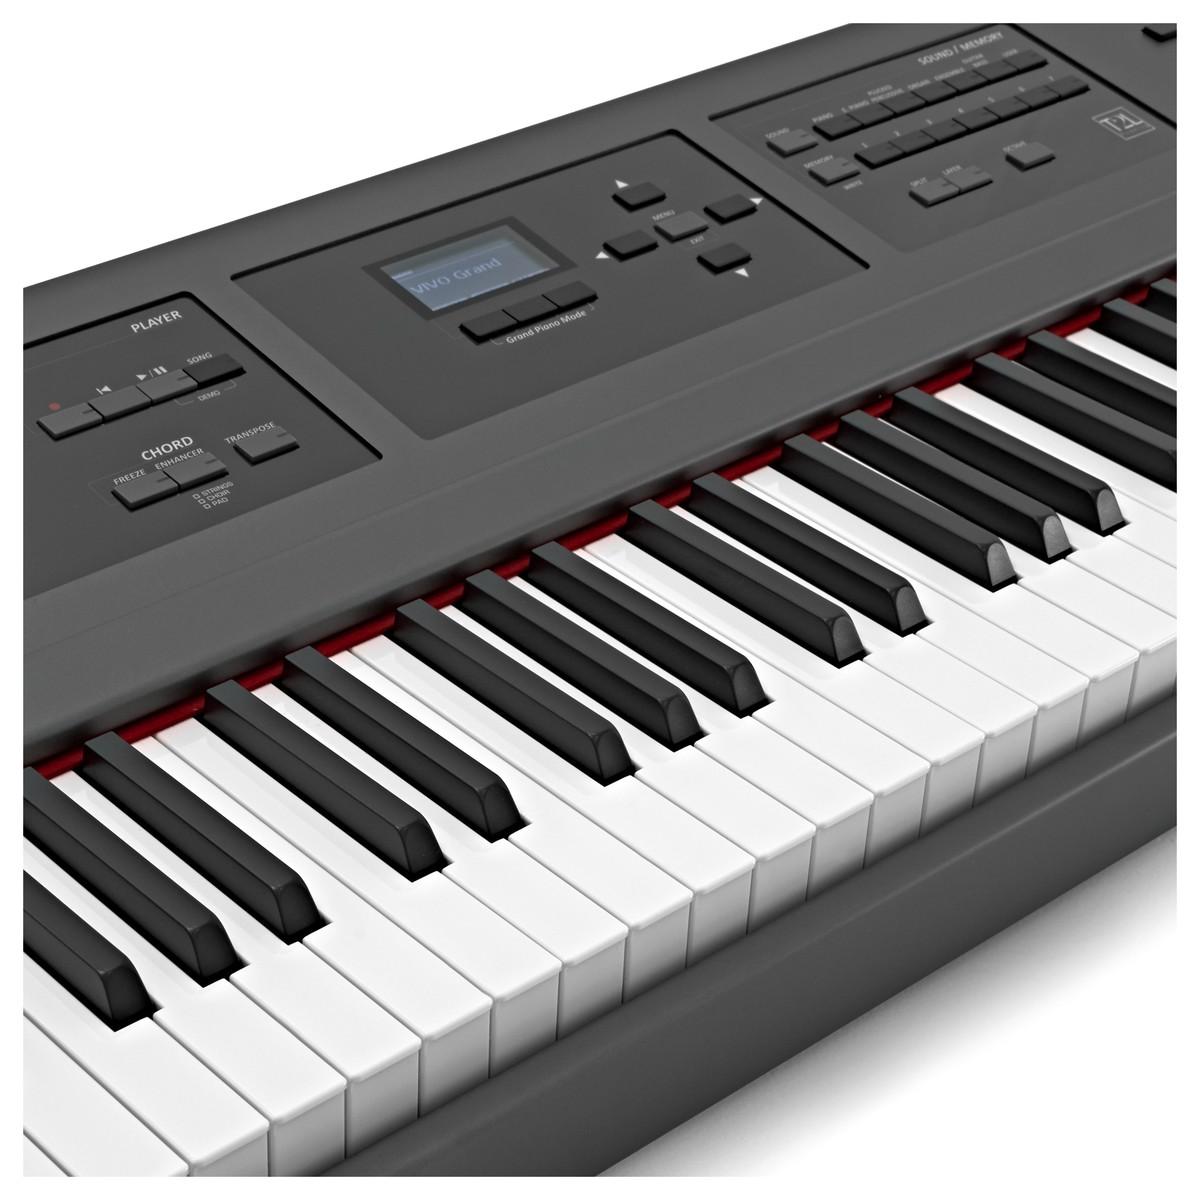 dexibell vivo p3 digital piano 73 keys at gear4music. Black Bedroom Furniture Sets. Home Design Ideas